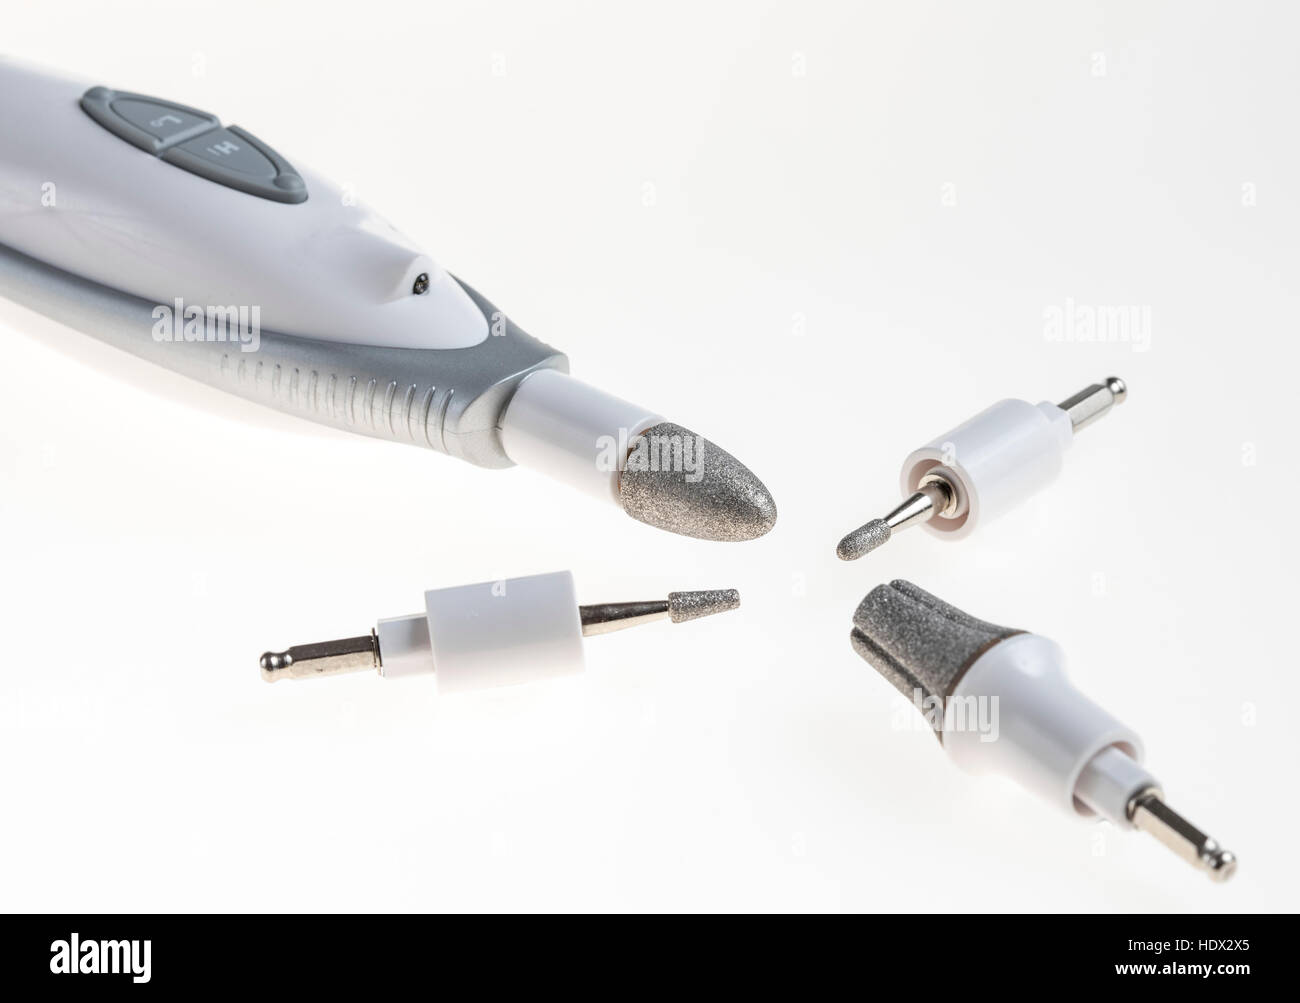 Nail care tools, nail files, electric nail files, emery board, - Stock Image